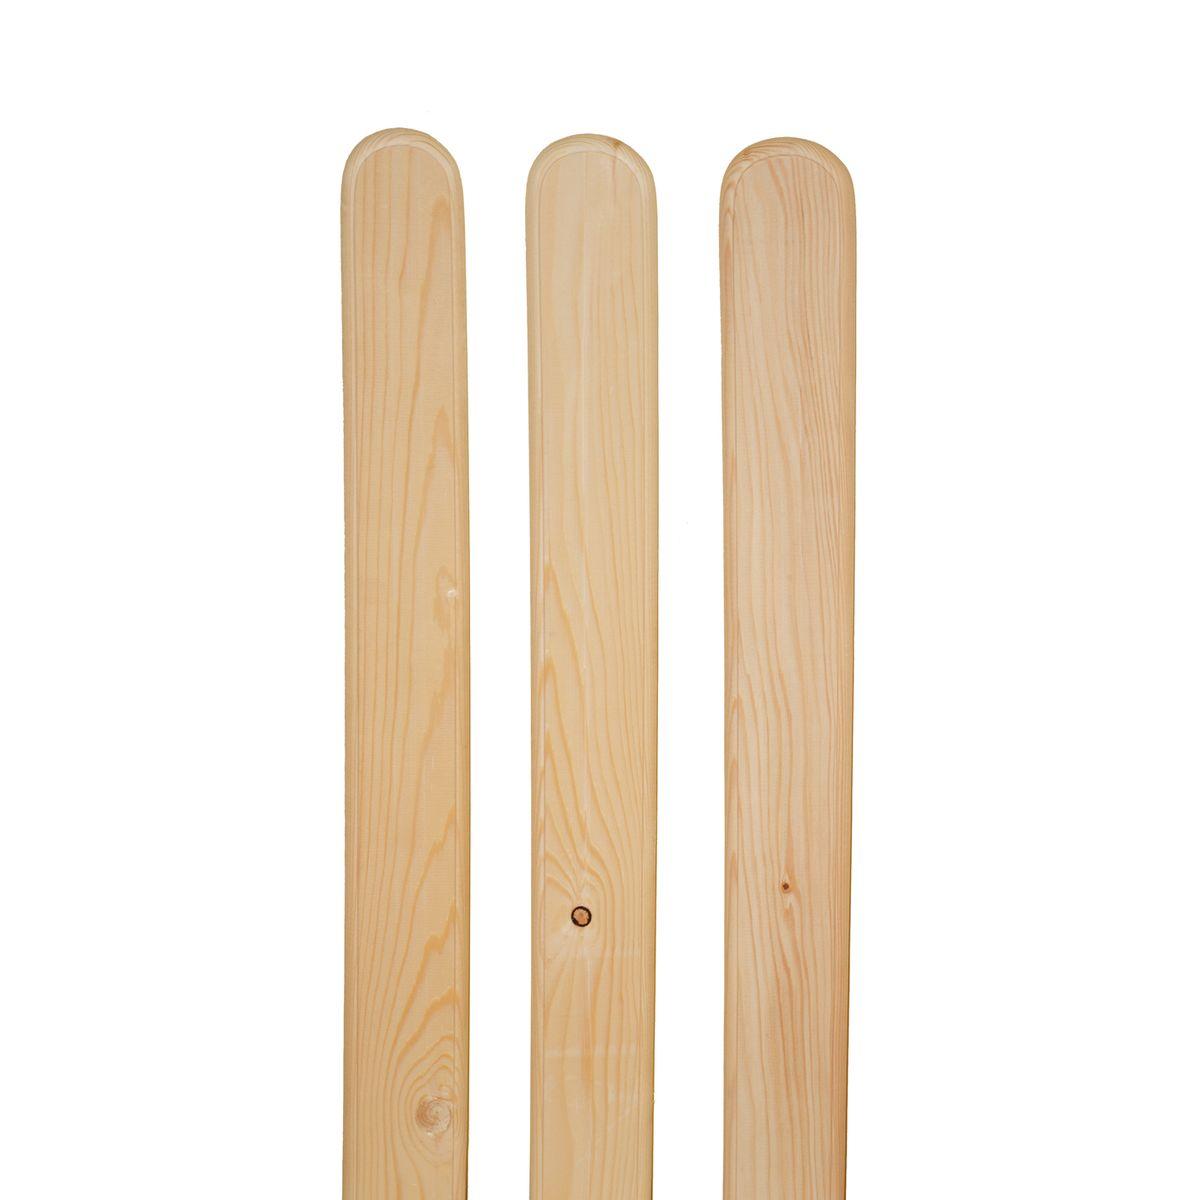 Corrimano per scale interne in legno fabulous ringhiera for Corrimano in legno leroy merlin